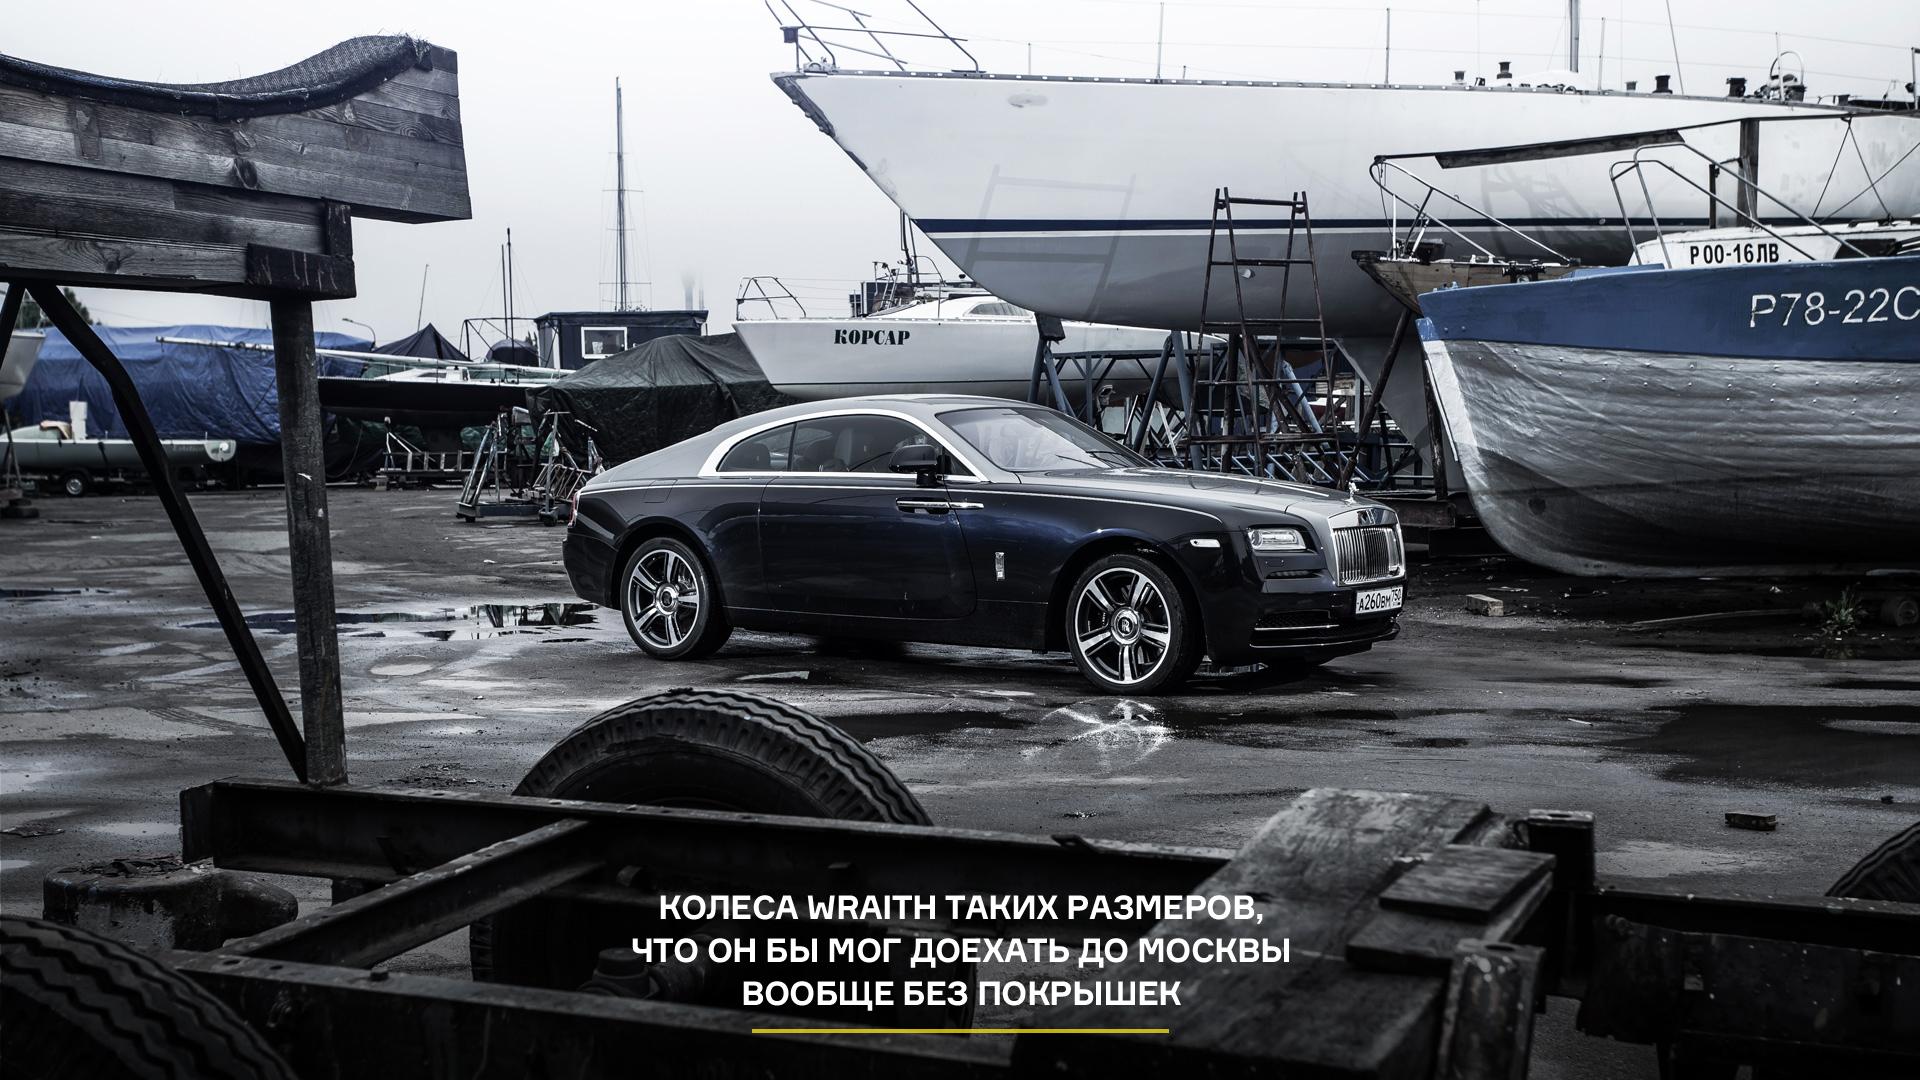 Из Питера в Москву на Rolls-Royce Wraith: вечная история на машине вне времени. Фото 3